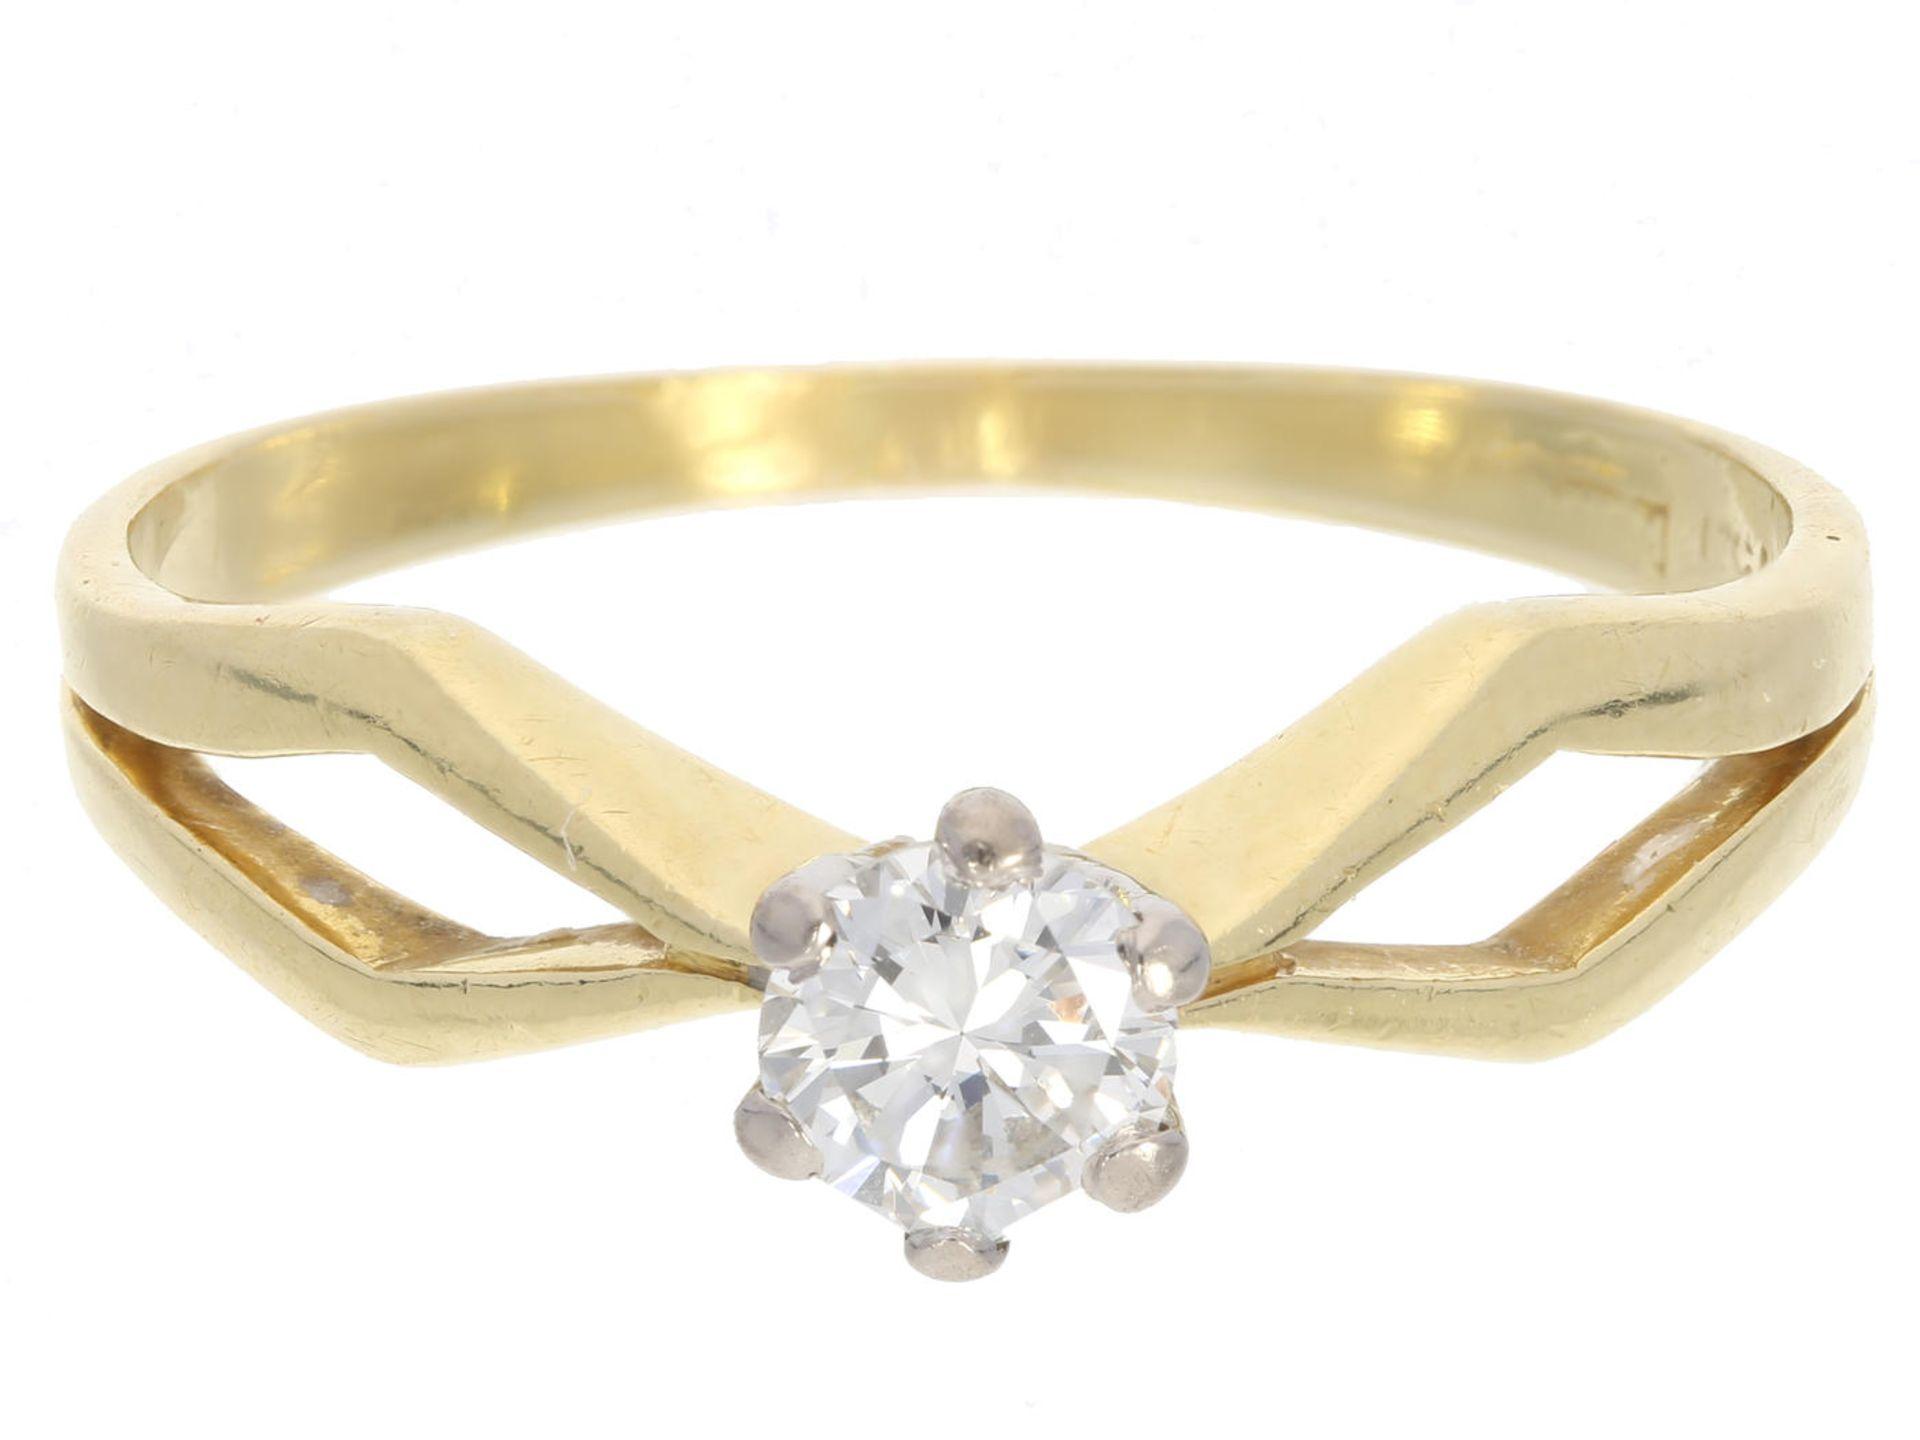 Los 6019 - Ring: vintage Brillant/Solitärring, Stein sehr guter Qualität, ca.0,35ct Ca. Ø19mm, RG59, ca. 3,